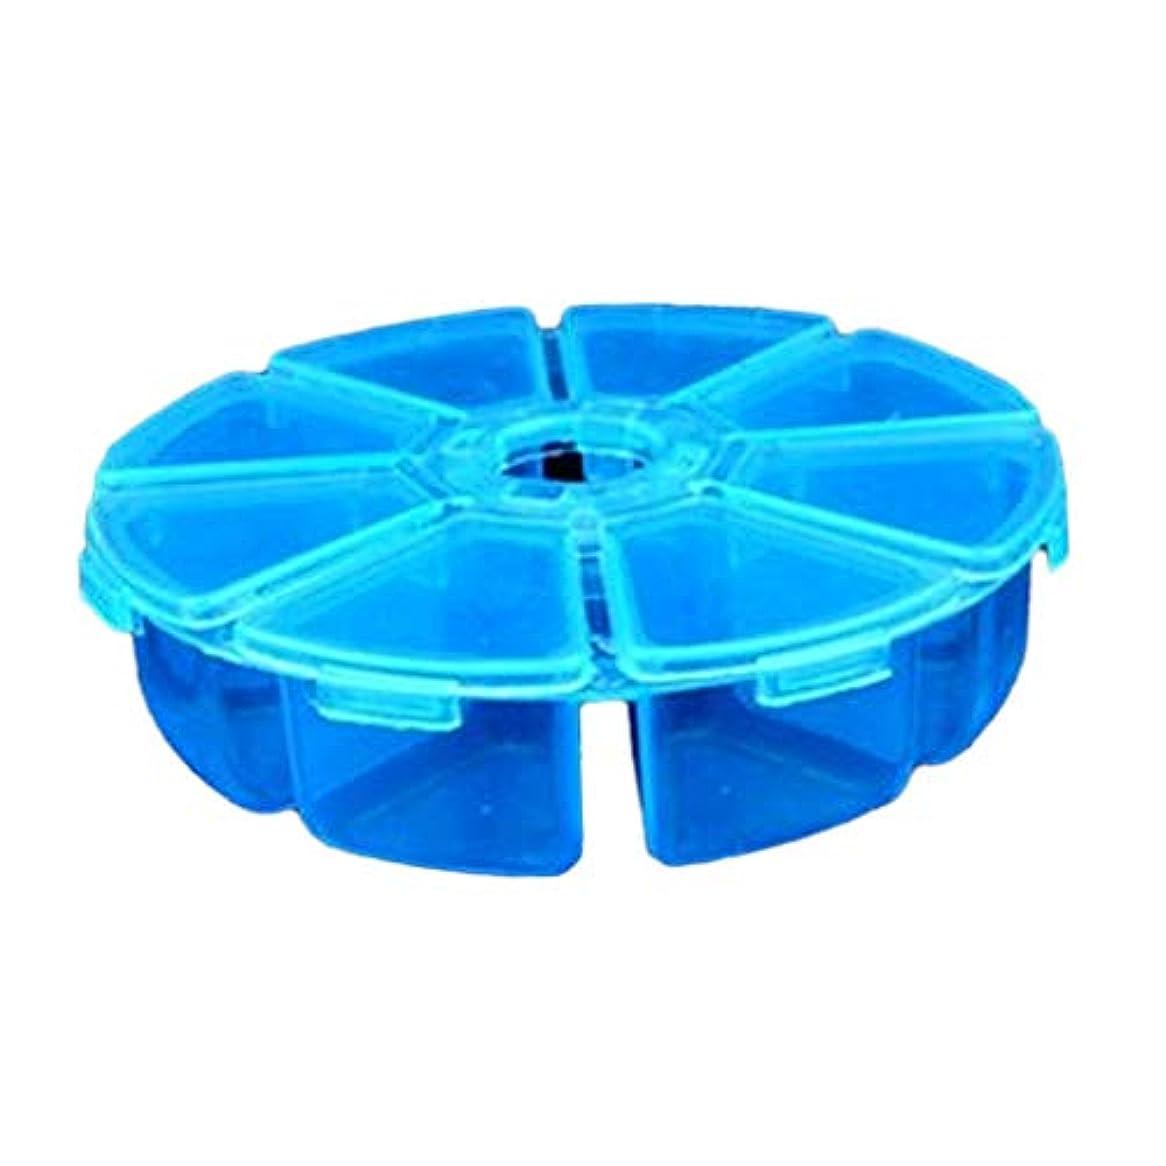 フローティング生き物ピークSM SunniMix ネイルアート 収納ボックス 大容量 透明 8コンパートメント パーツ入れ 小物入れ プラスチック 全4色 - ブルー